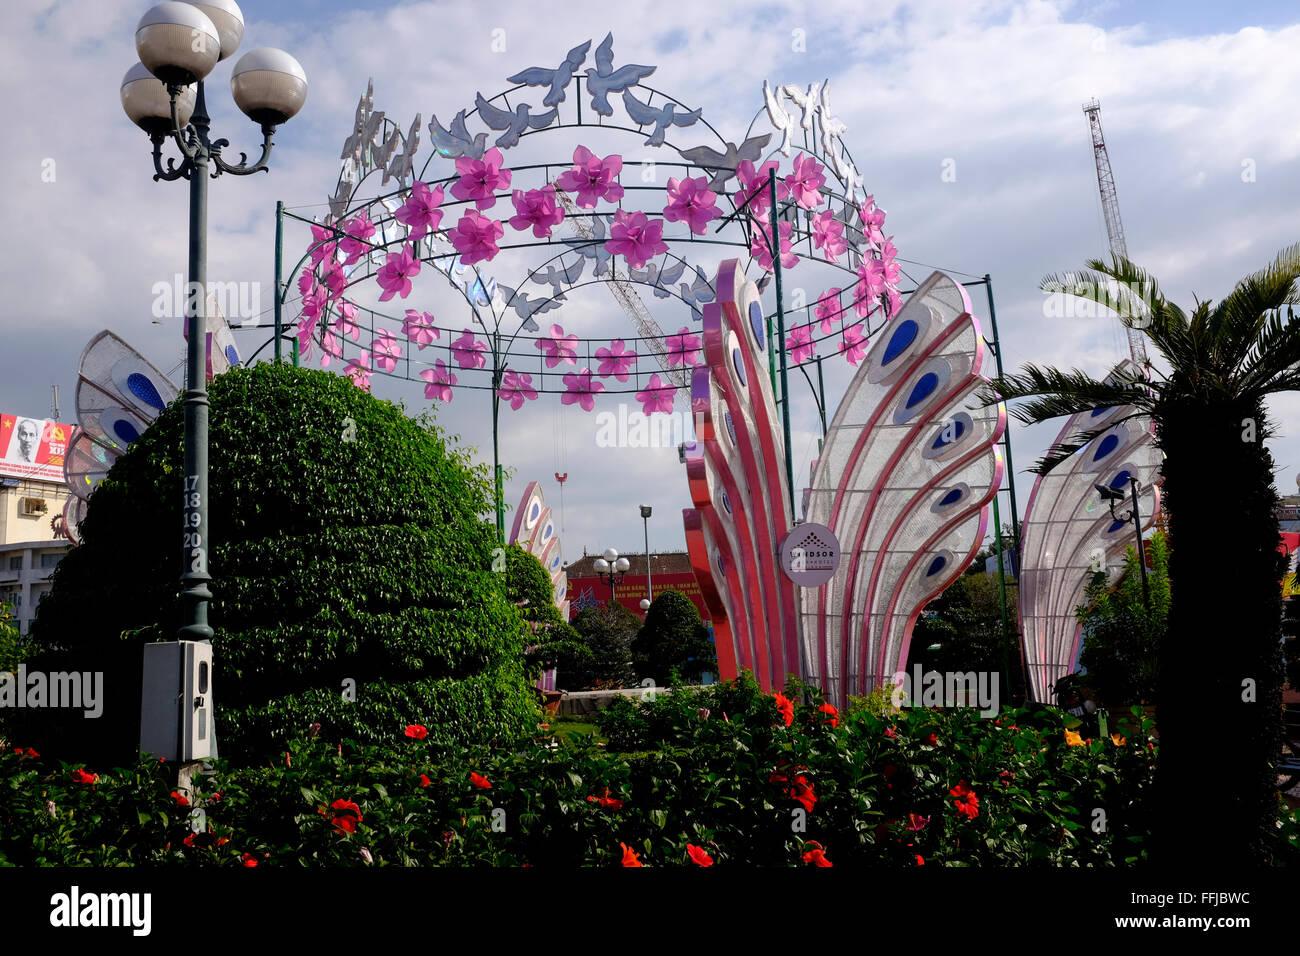 Il nuovo anno lunare decorazioni in Ho Chi Minh City, Vietnam Immagini Stock